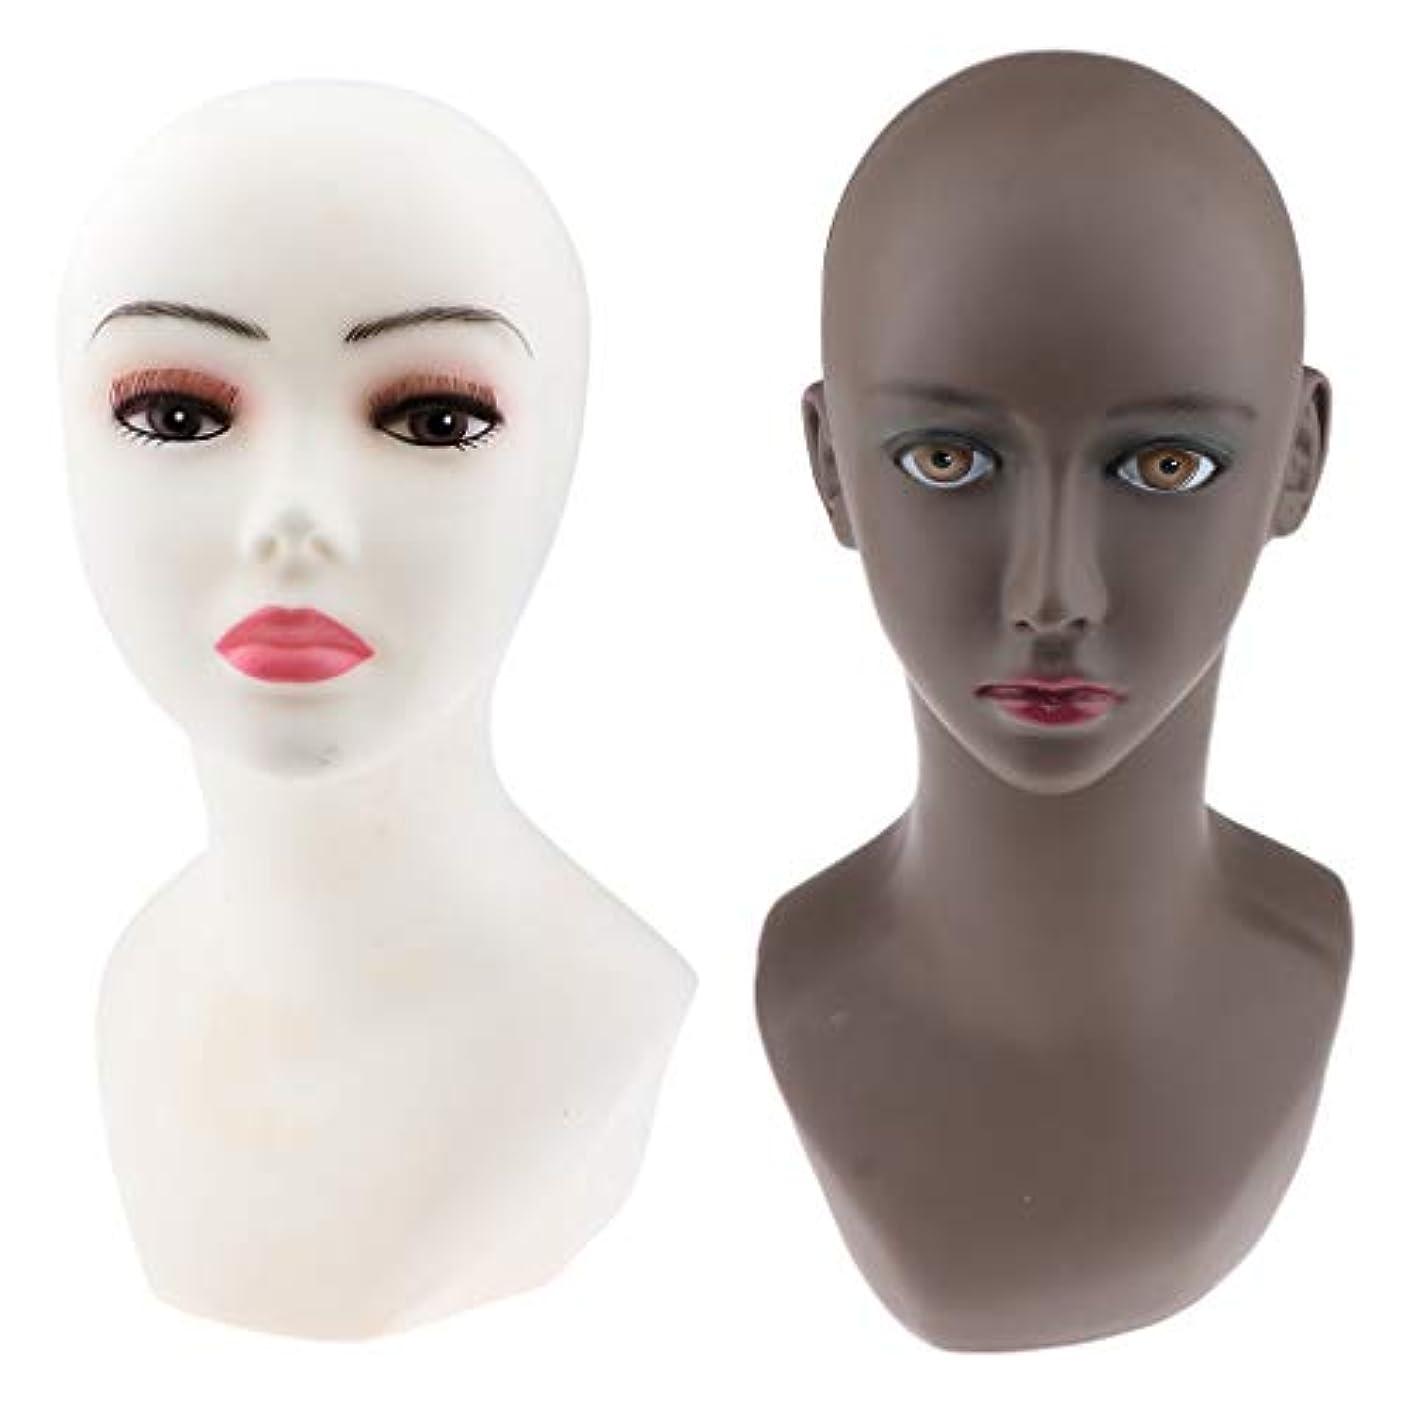 女の子グローブ怖いT TOOYFUL 2個セット マネキンヘッド 女性 ヘッドモデル PVC製 かつら作成 美容 化粧練習 洋服店 美容院